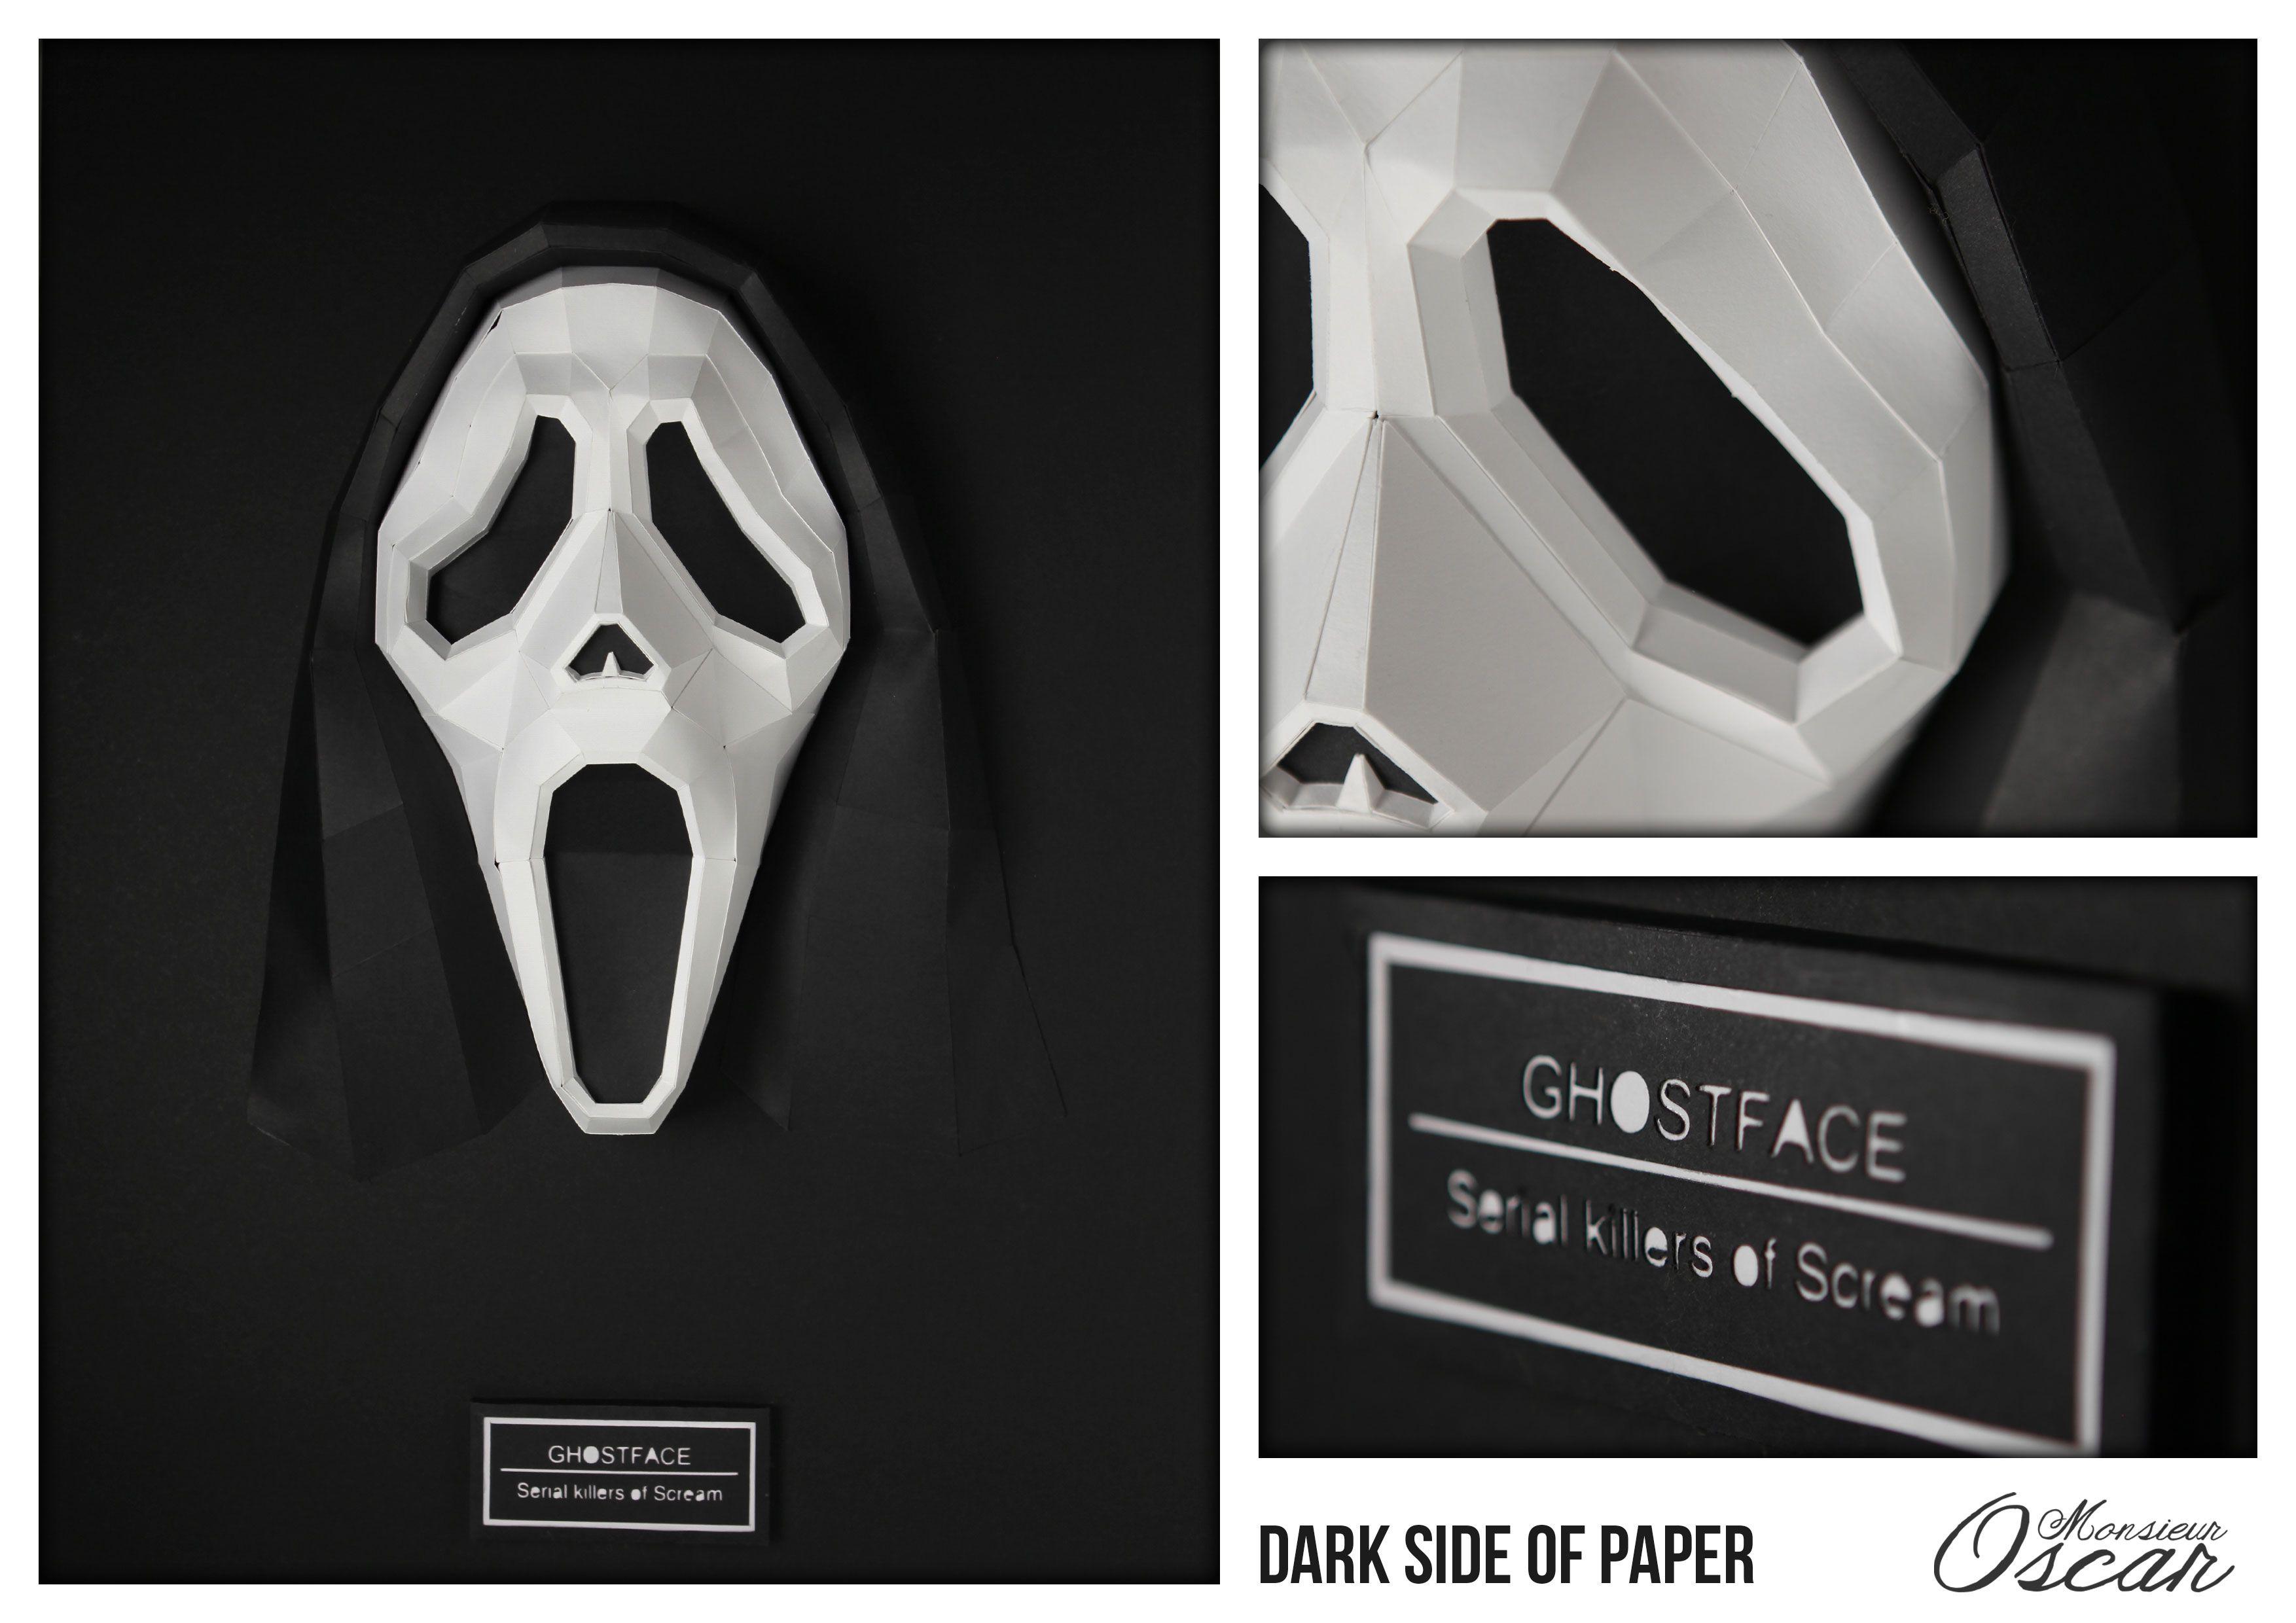 """""""SCREAM"""" de la série """"Dark side of paper"""" by Monsieur Oscar sera présent à #condensedkids by @atelier130 du 10 au 23 Février à l'Espace Beaurepaire  https://www.facebook.com/events/1438048496412211"""